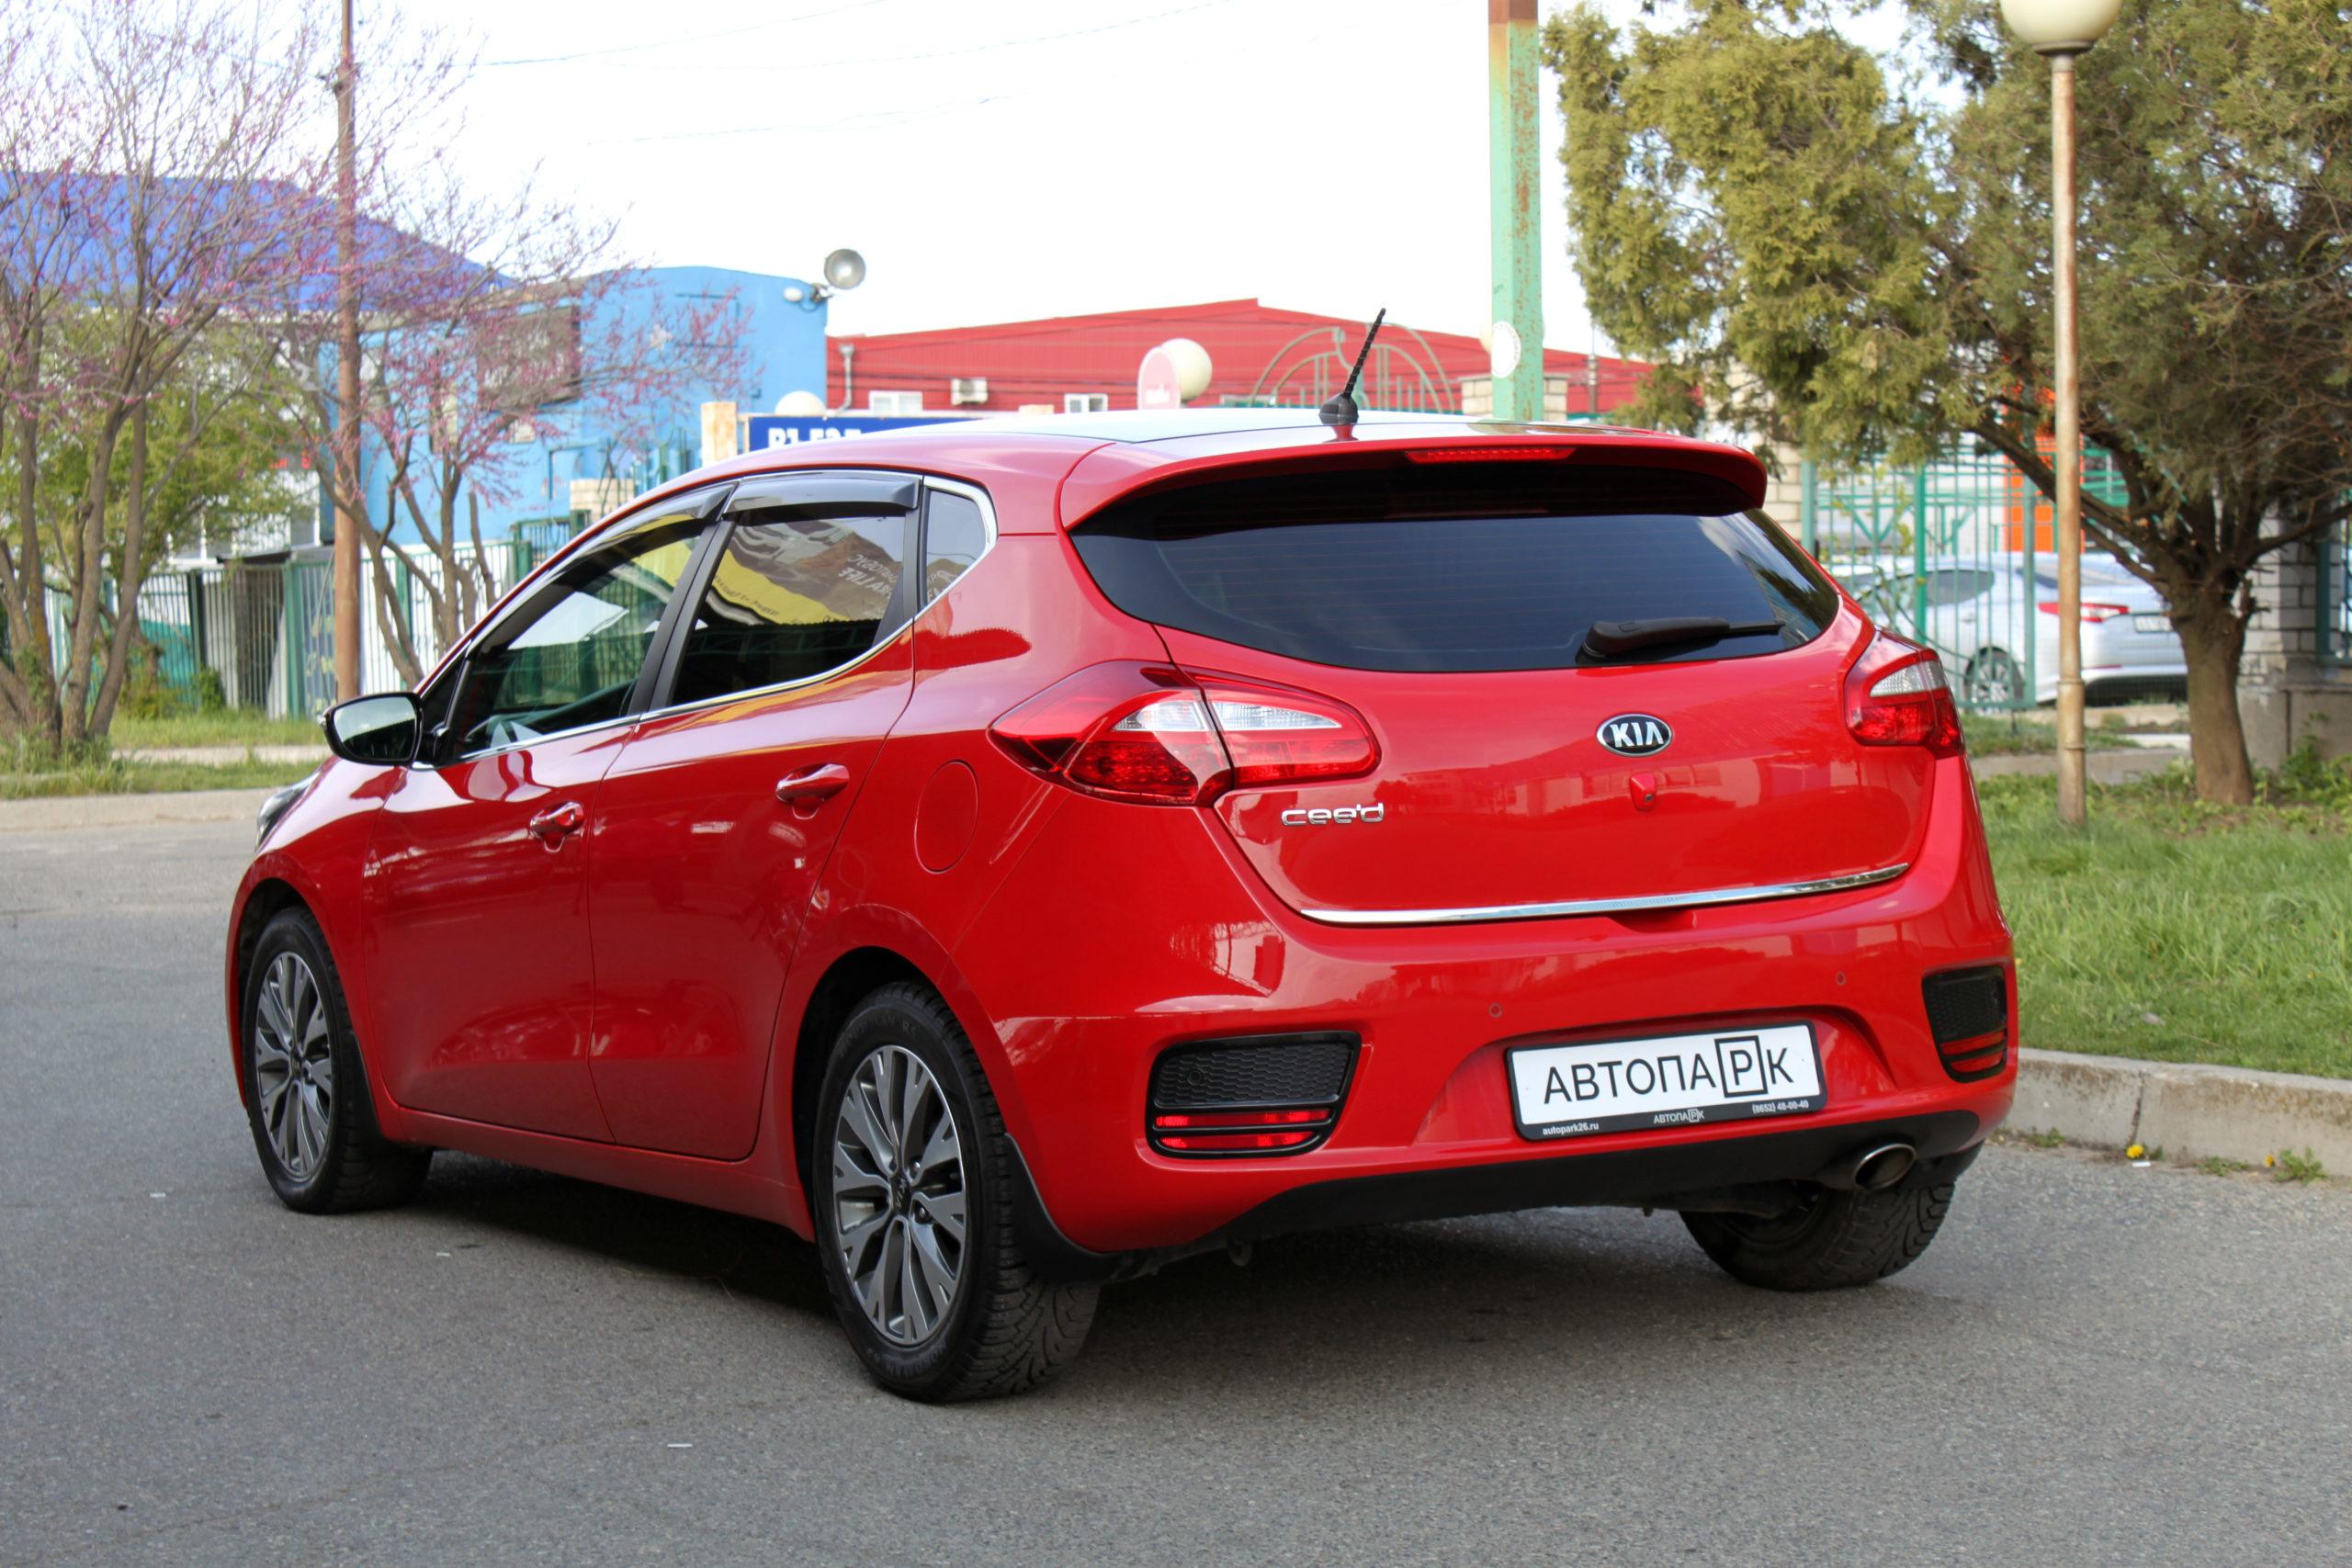 Купить KIA cee'd (Красный) - Автопарк Ставрополь